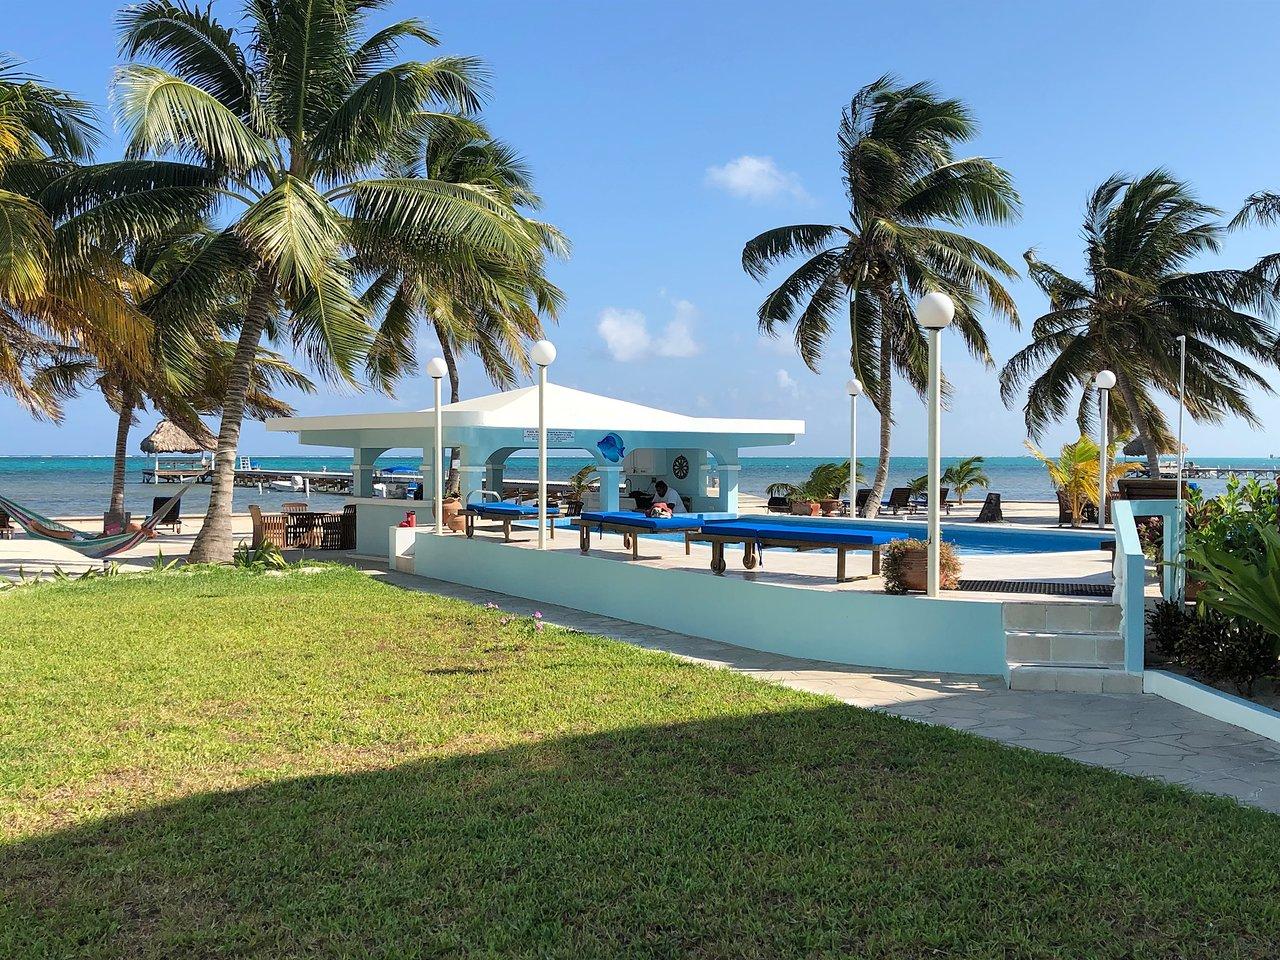 Sunset Beach Resort Updated 2019 Condominium Reviews